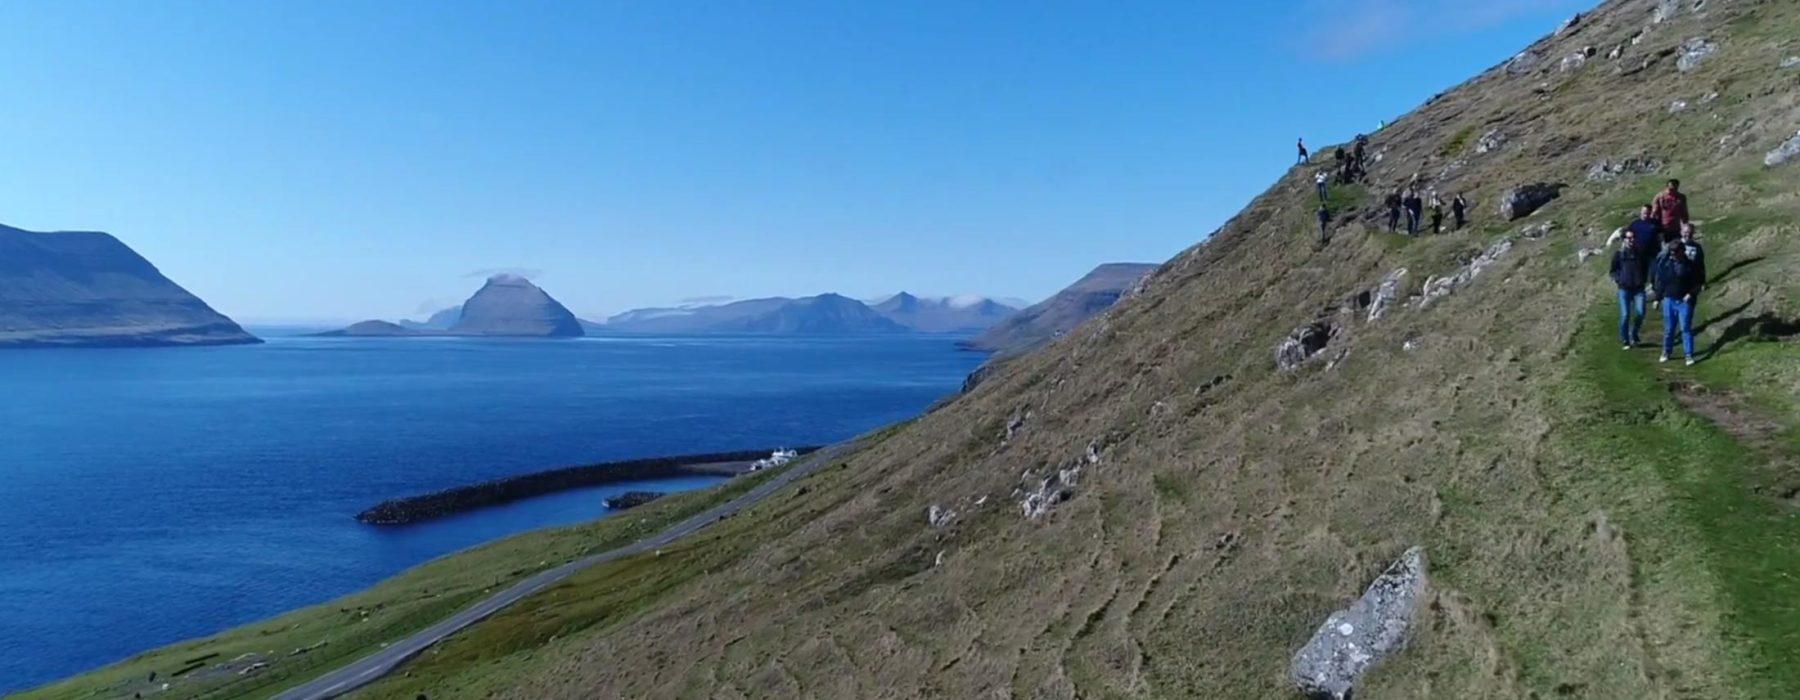 Halló Färöarna!